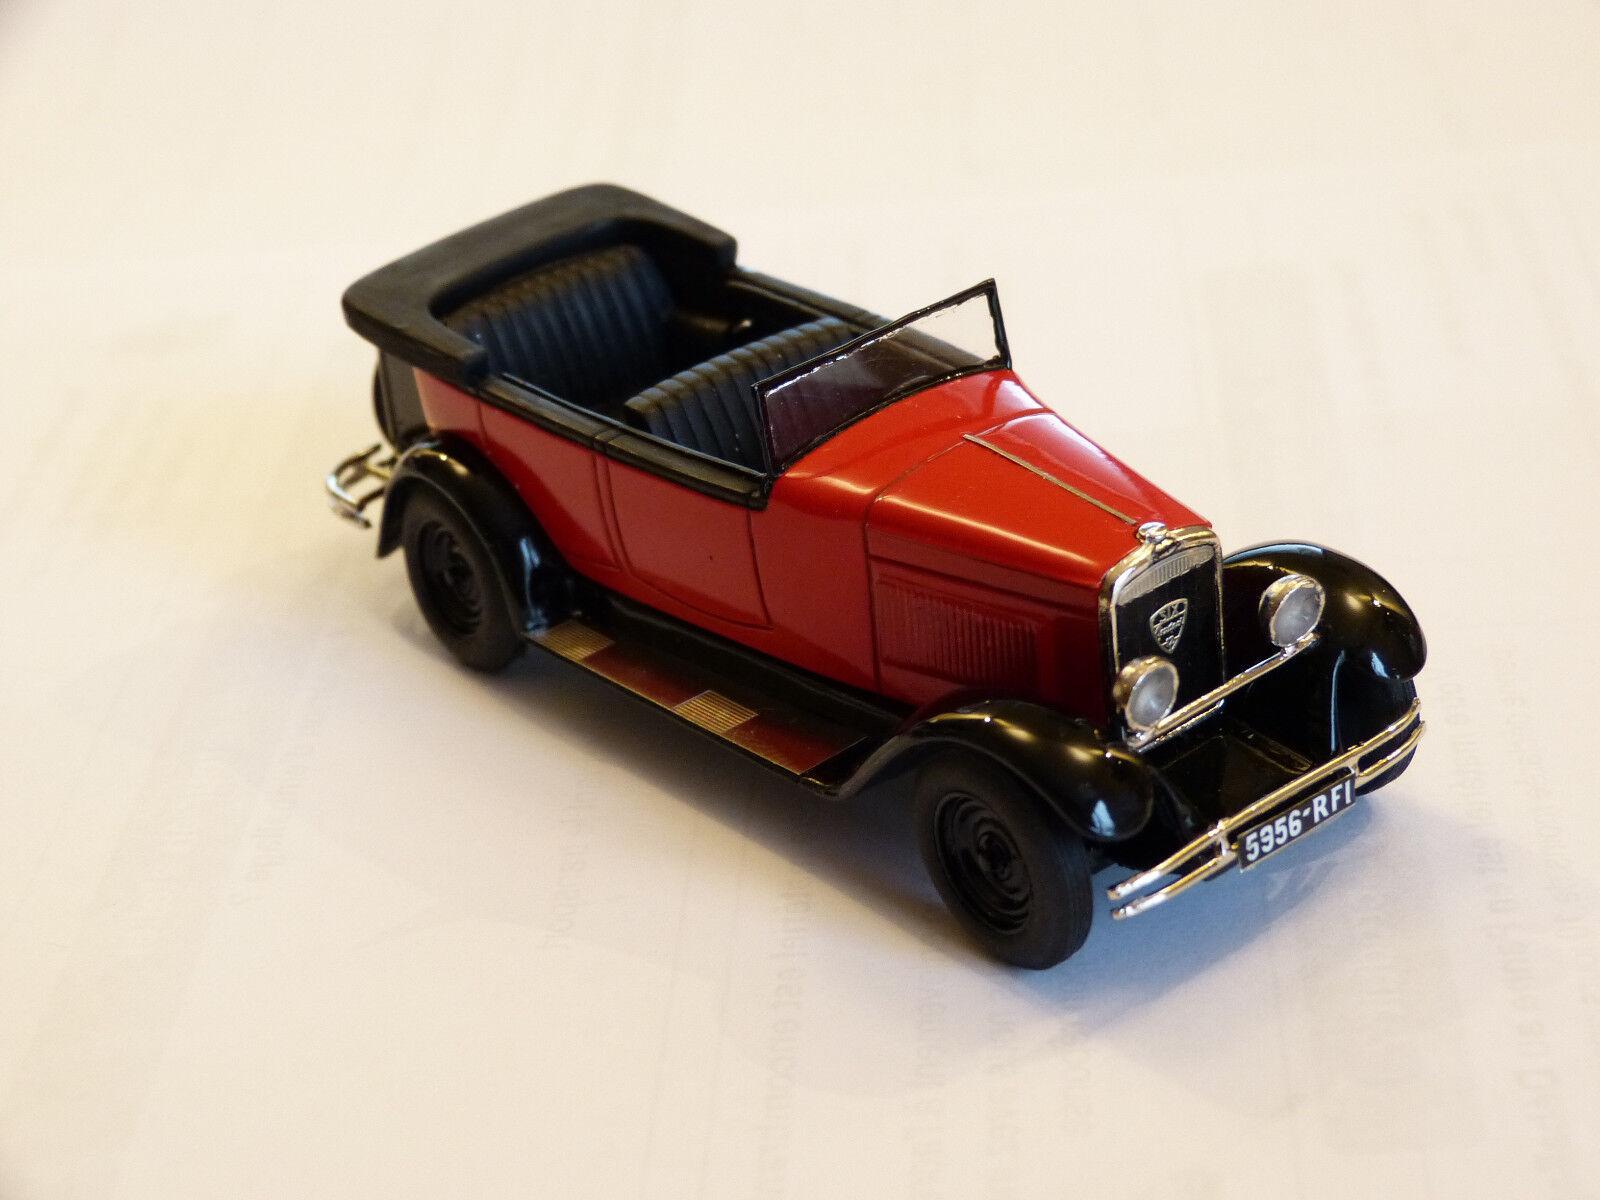 Kit per Miniatura Auto Ccc  Peugeot 183 le 12   Six Torpédo 1928 Référence 215 A